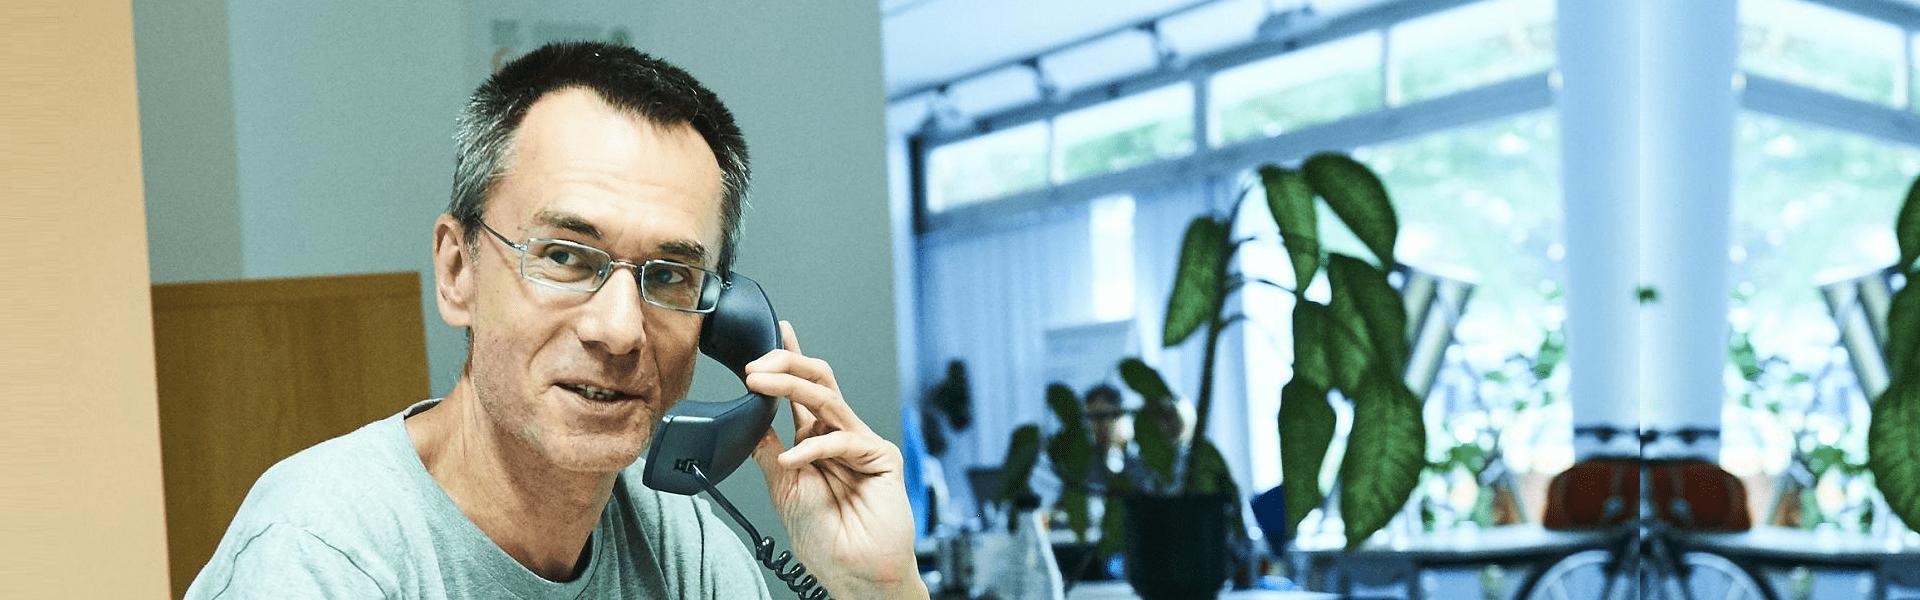 Ehrenamtlicher Mitarbeiter am Telefon - wir freuen uns auf dich!